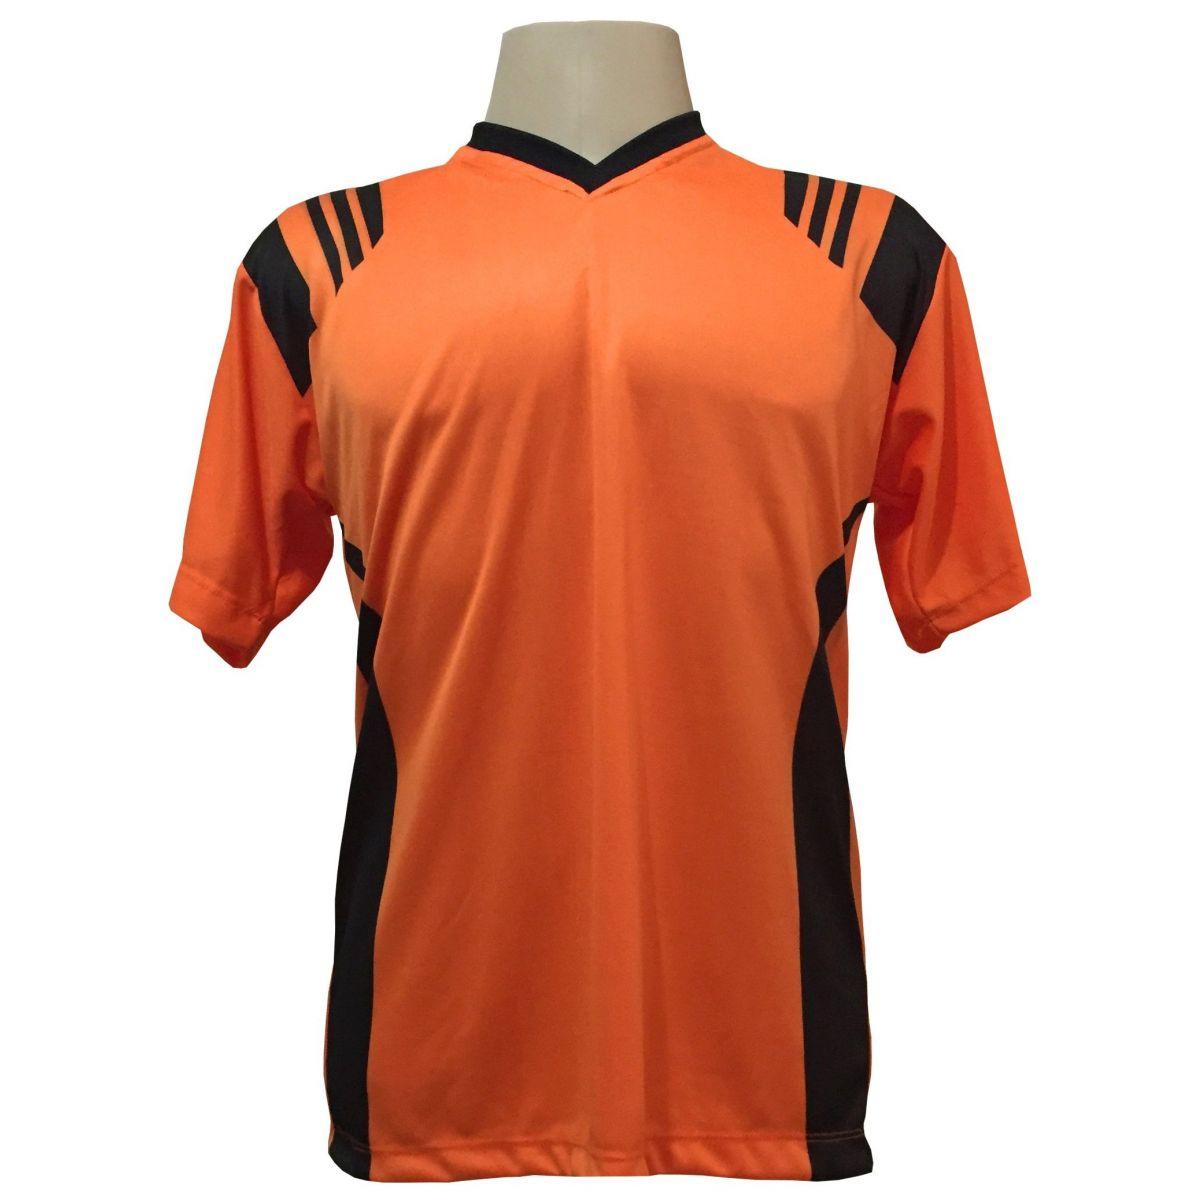 Jogo de Camisa com 12 unidades modelo Roma Laranja/Preto + Brindes